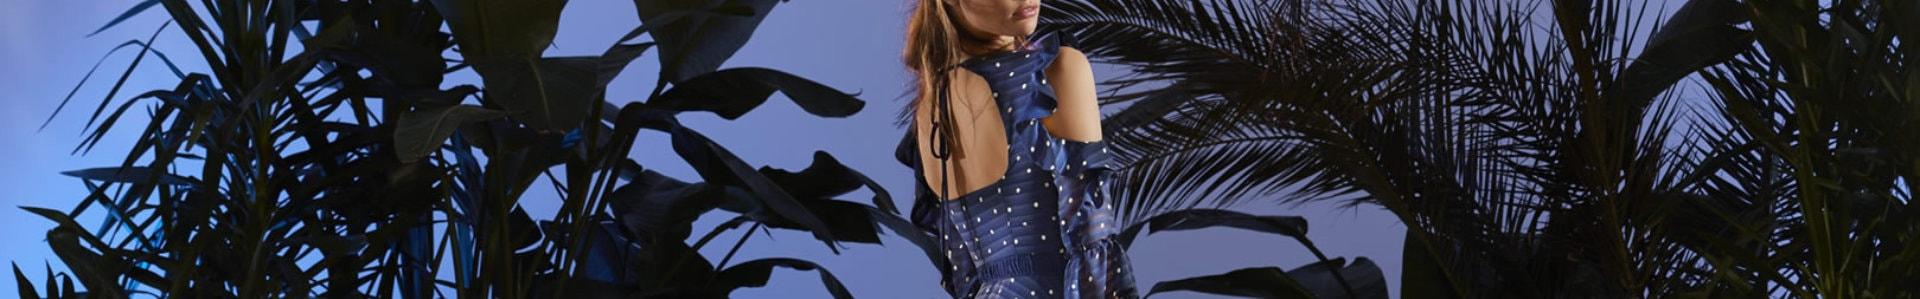 572e81b0b59 Dámská italská móda. Široký výběr v kategorii dámské šaty. - GLAM ...